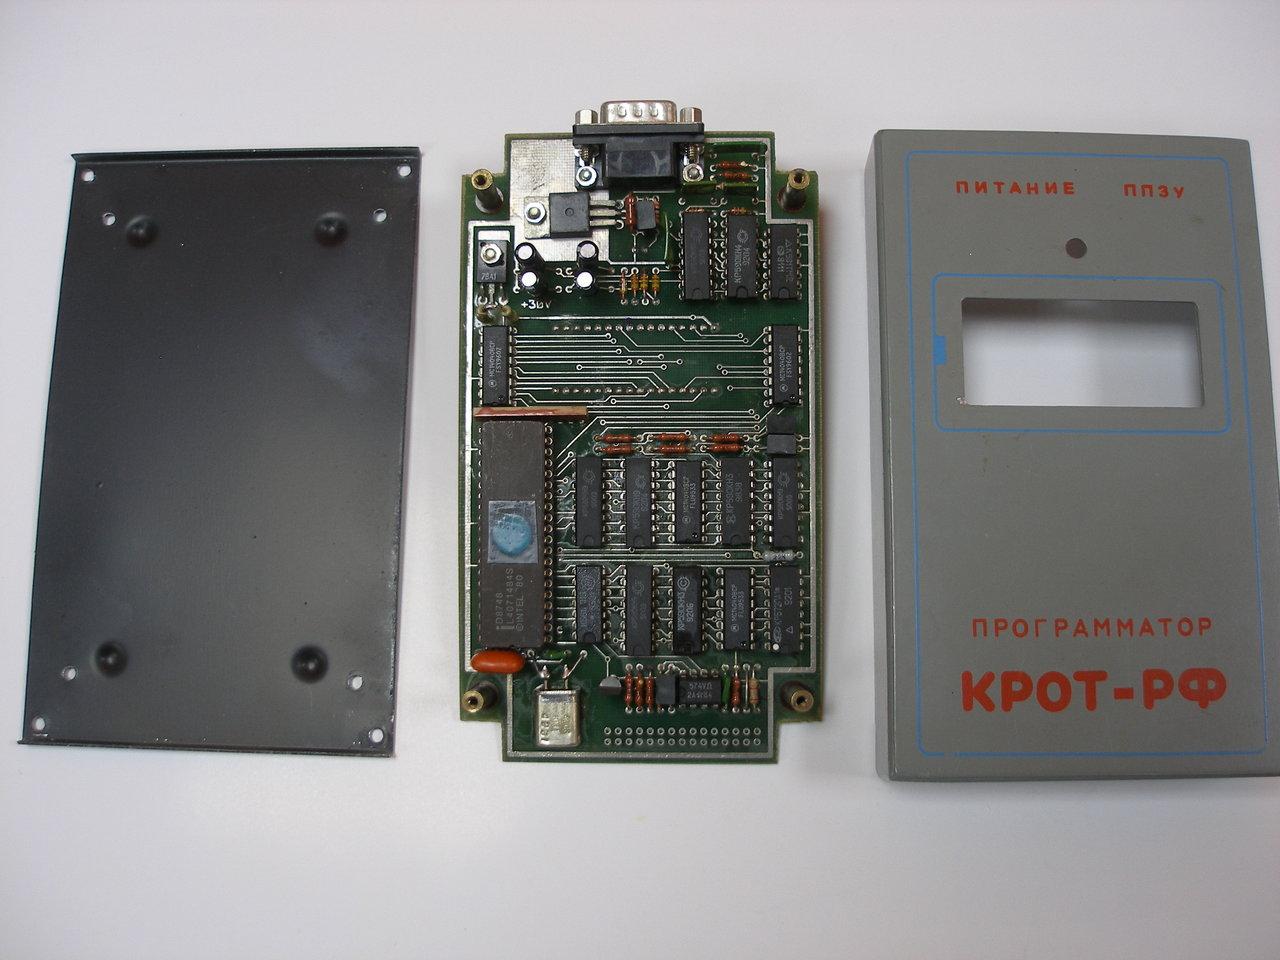 Опознать самодельный программатор из 90-х